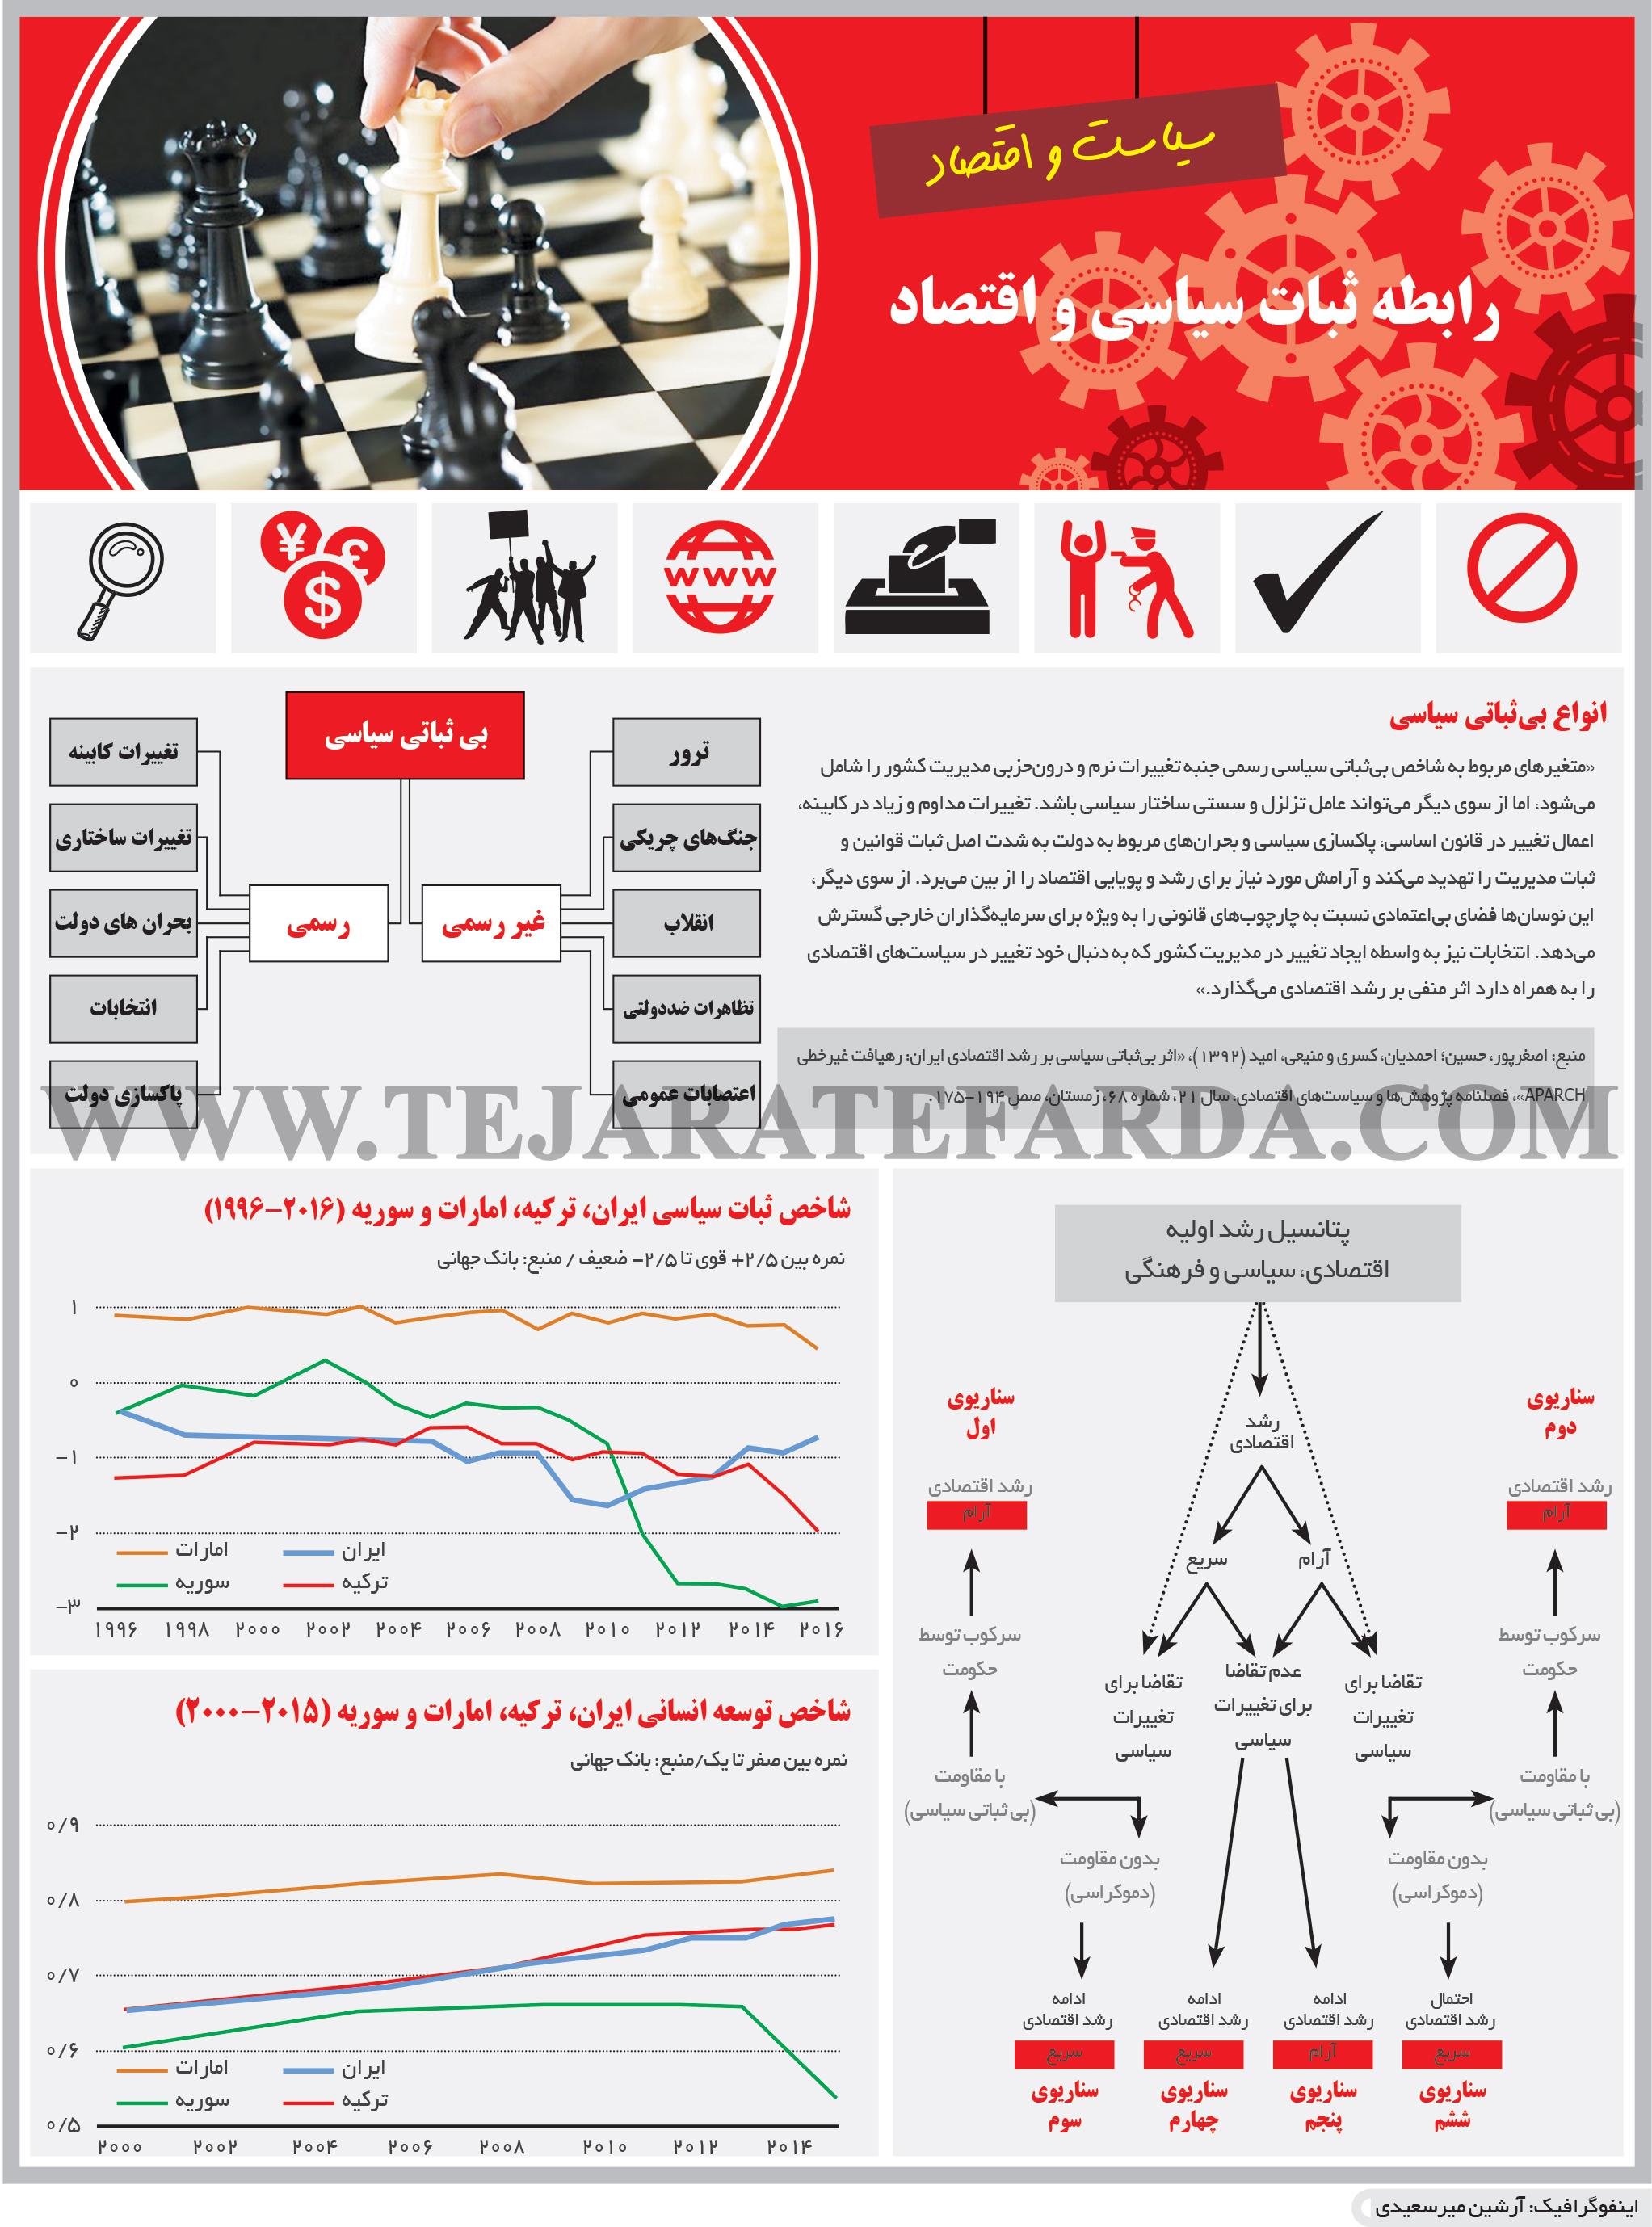 تجارت- فردا- رابطه ثبات سیاسی و اقتصاد(اینفوگرافیک)